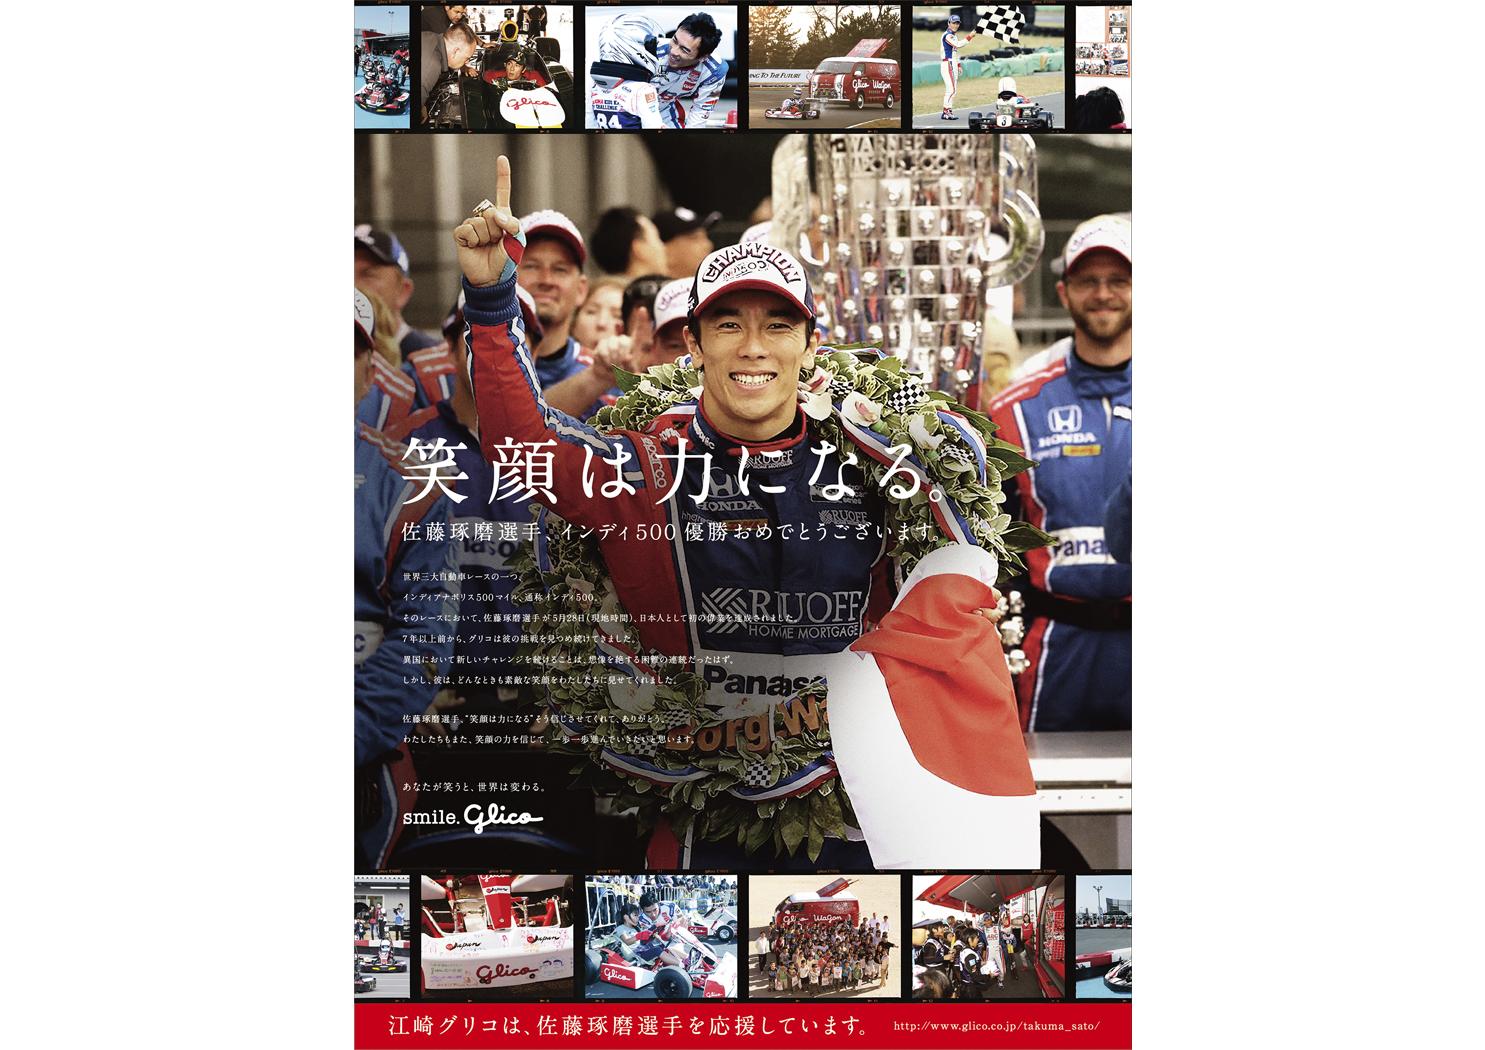 glico Sato Takuma poster 2017